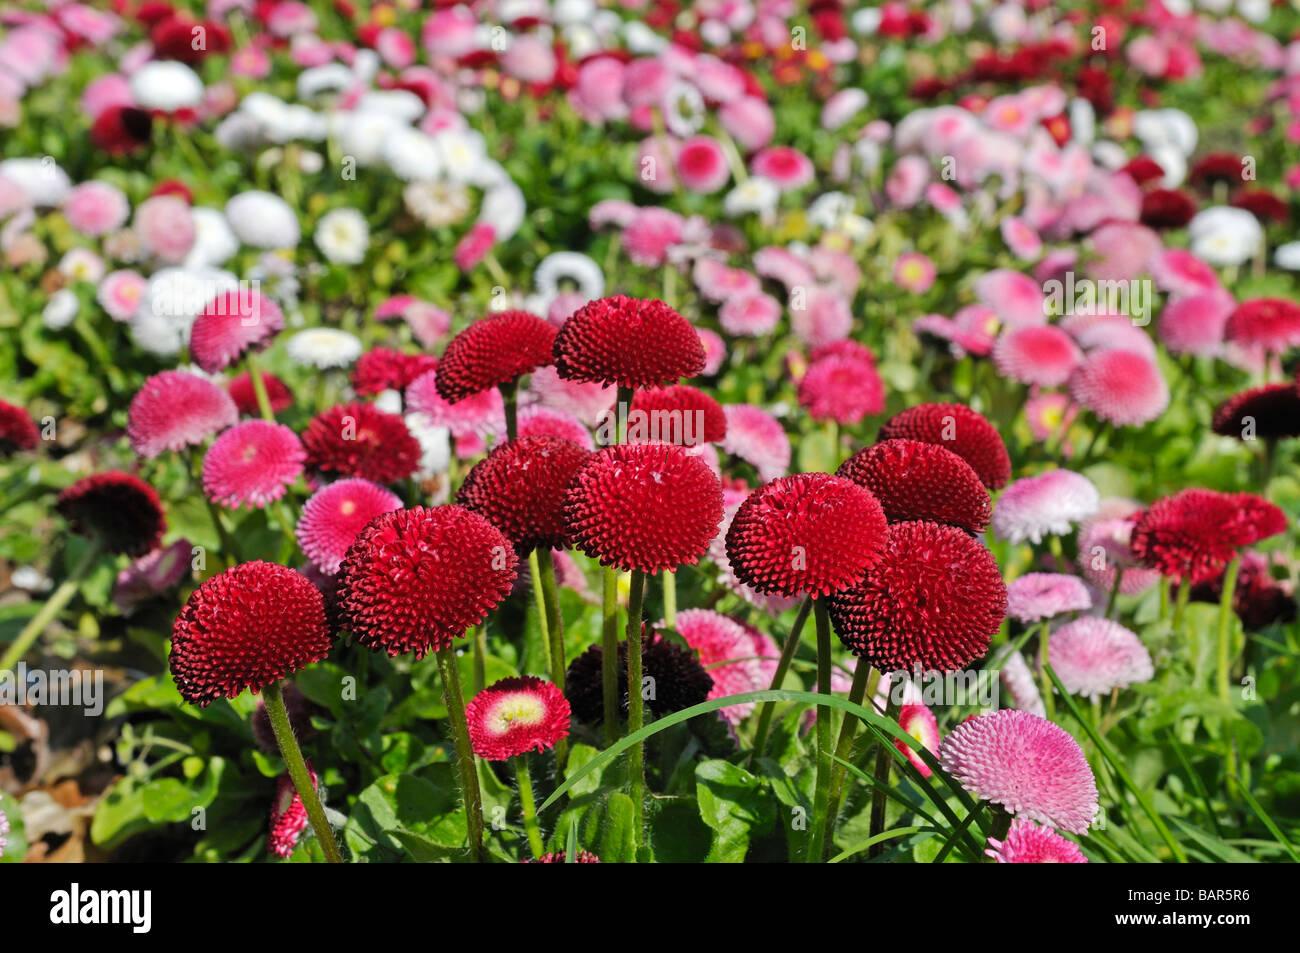 Red daisy bellis perennis cultivar pomponette double daisy stock red daisy bellis perennis cultivar pomponette double daisy izmirmasajfo Image collections